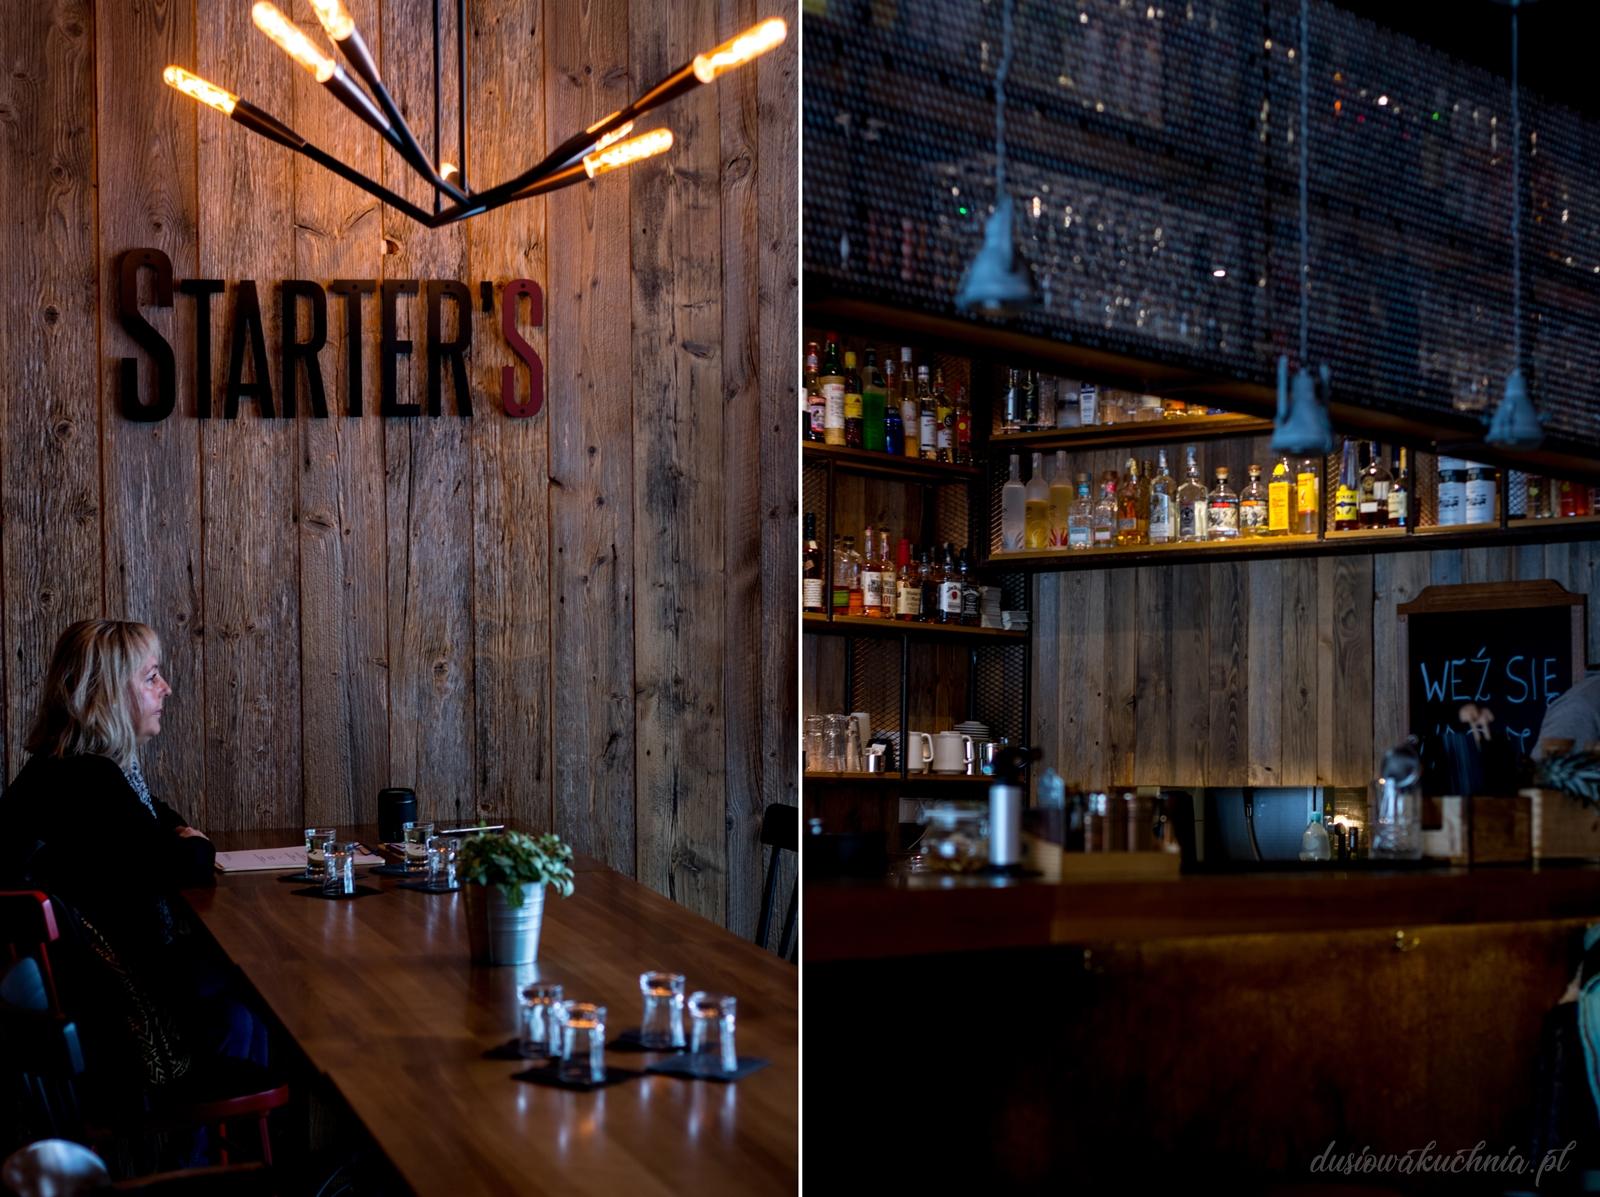 Gdzie na śniadanie w Trójmieście? Starter's Sopot